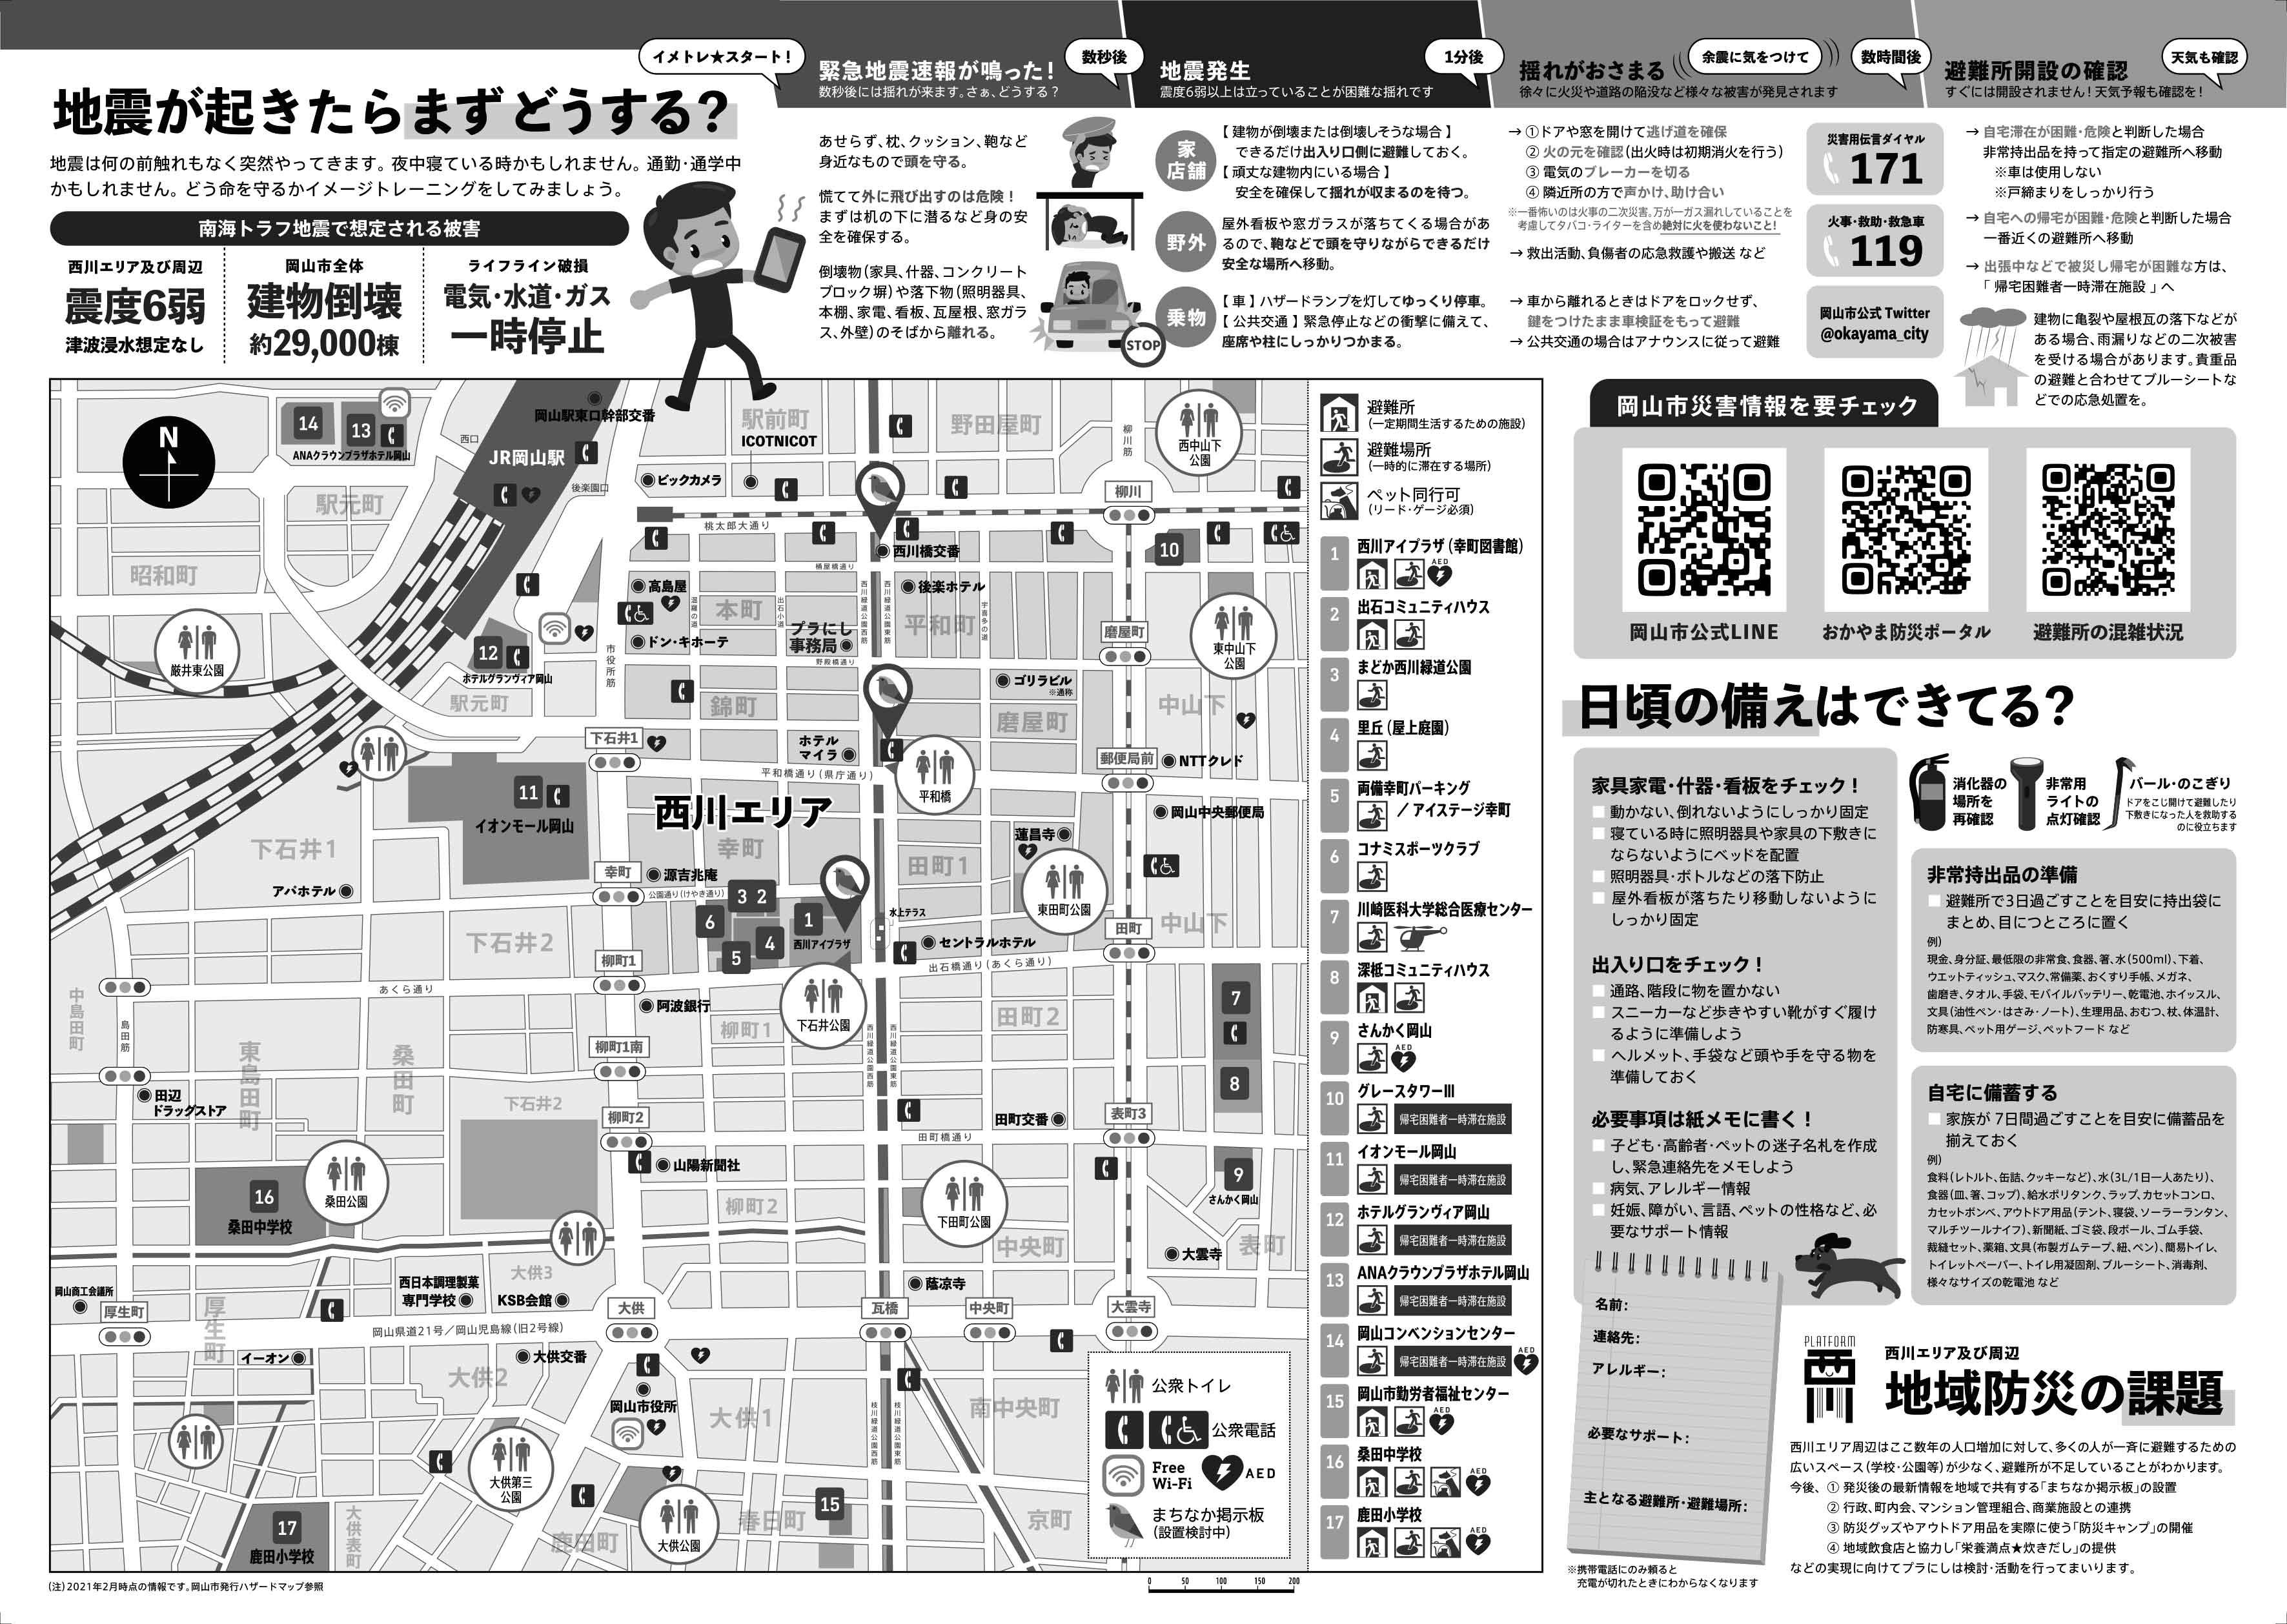 ぷらっと西川05